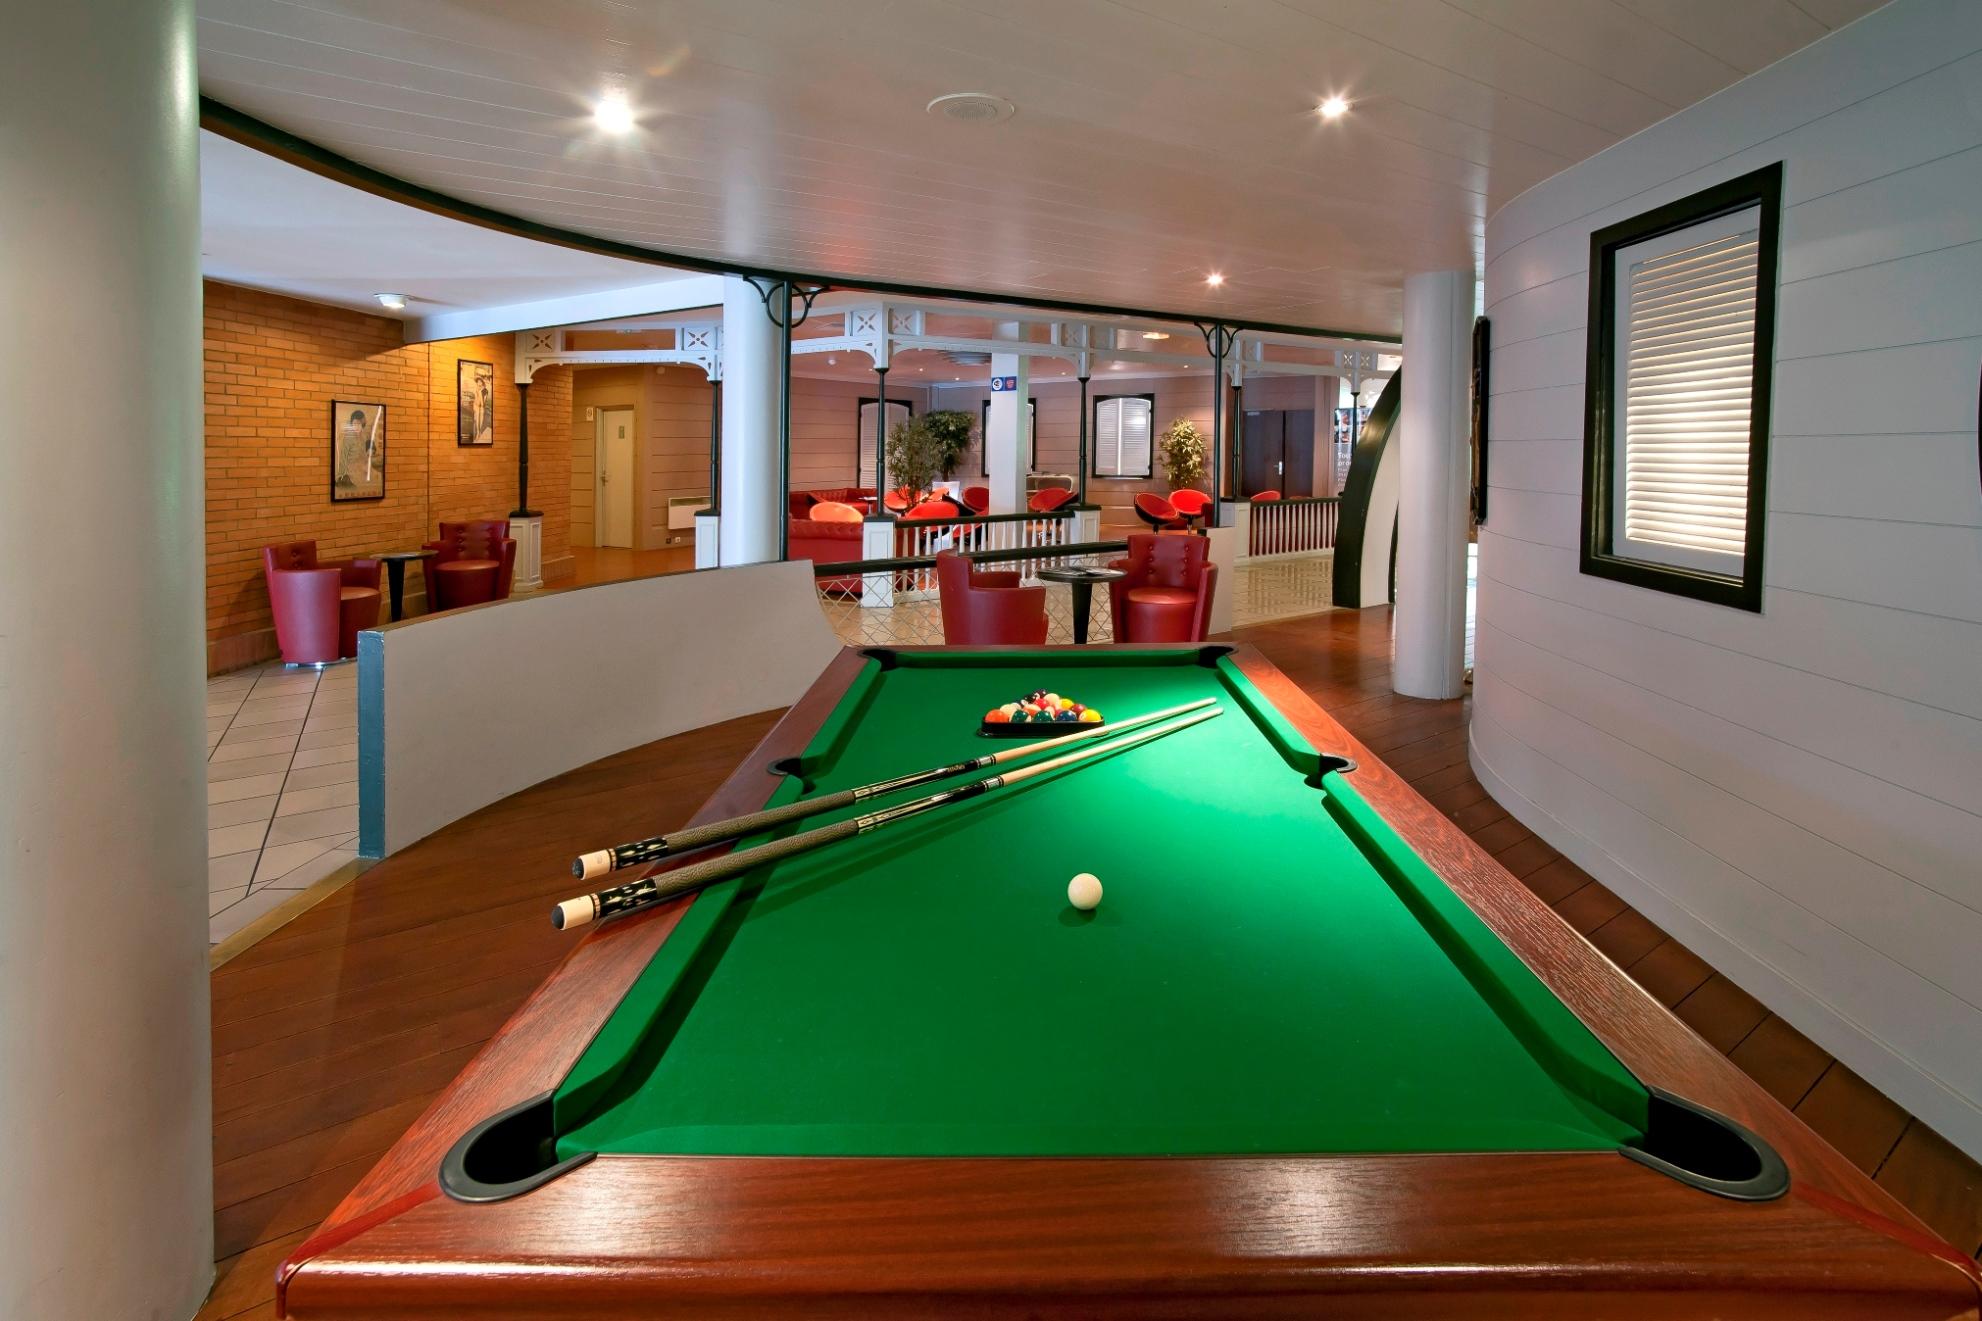 Qualys Hotel Golf Paris Est (Rosny sous Bois) Hotel Reviews, Photos, Rate Comparison TripAdvisor # Bowling Rosny Sous Bois